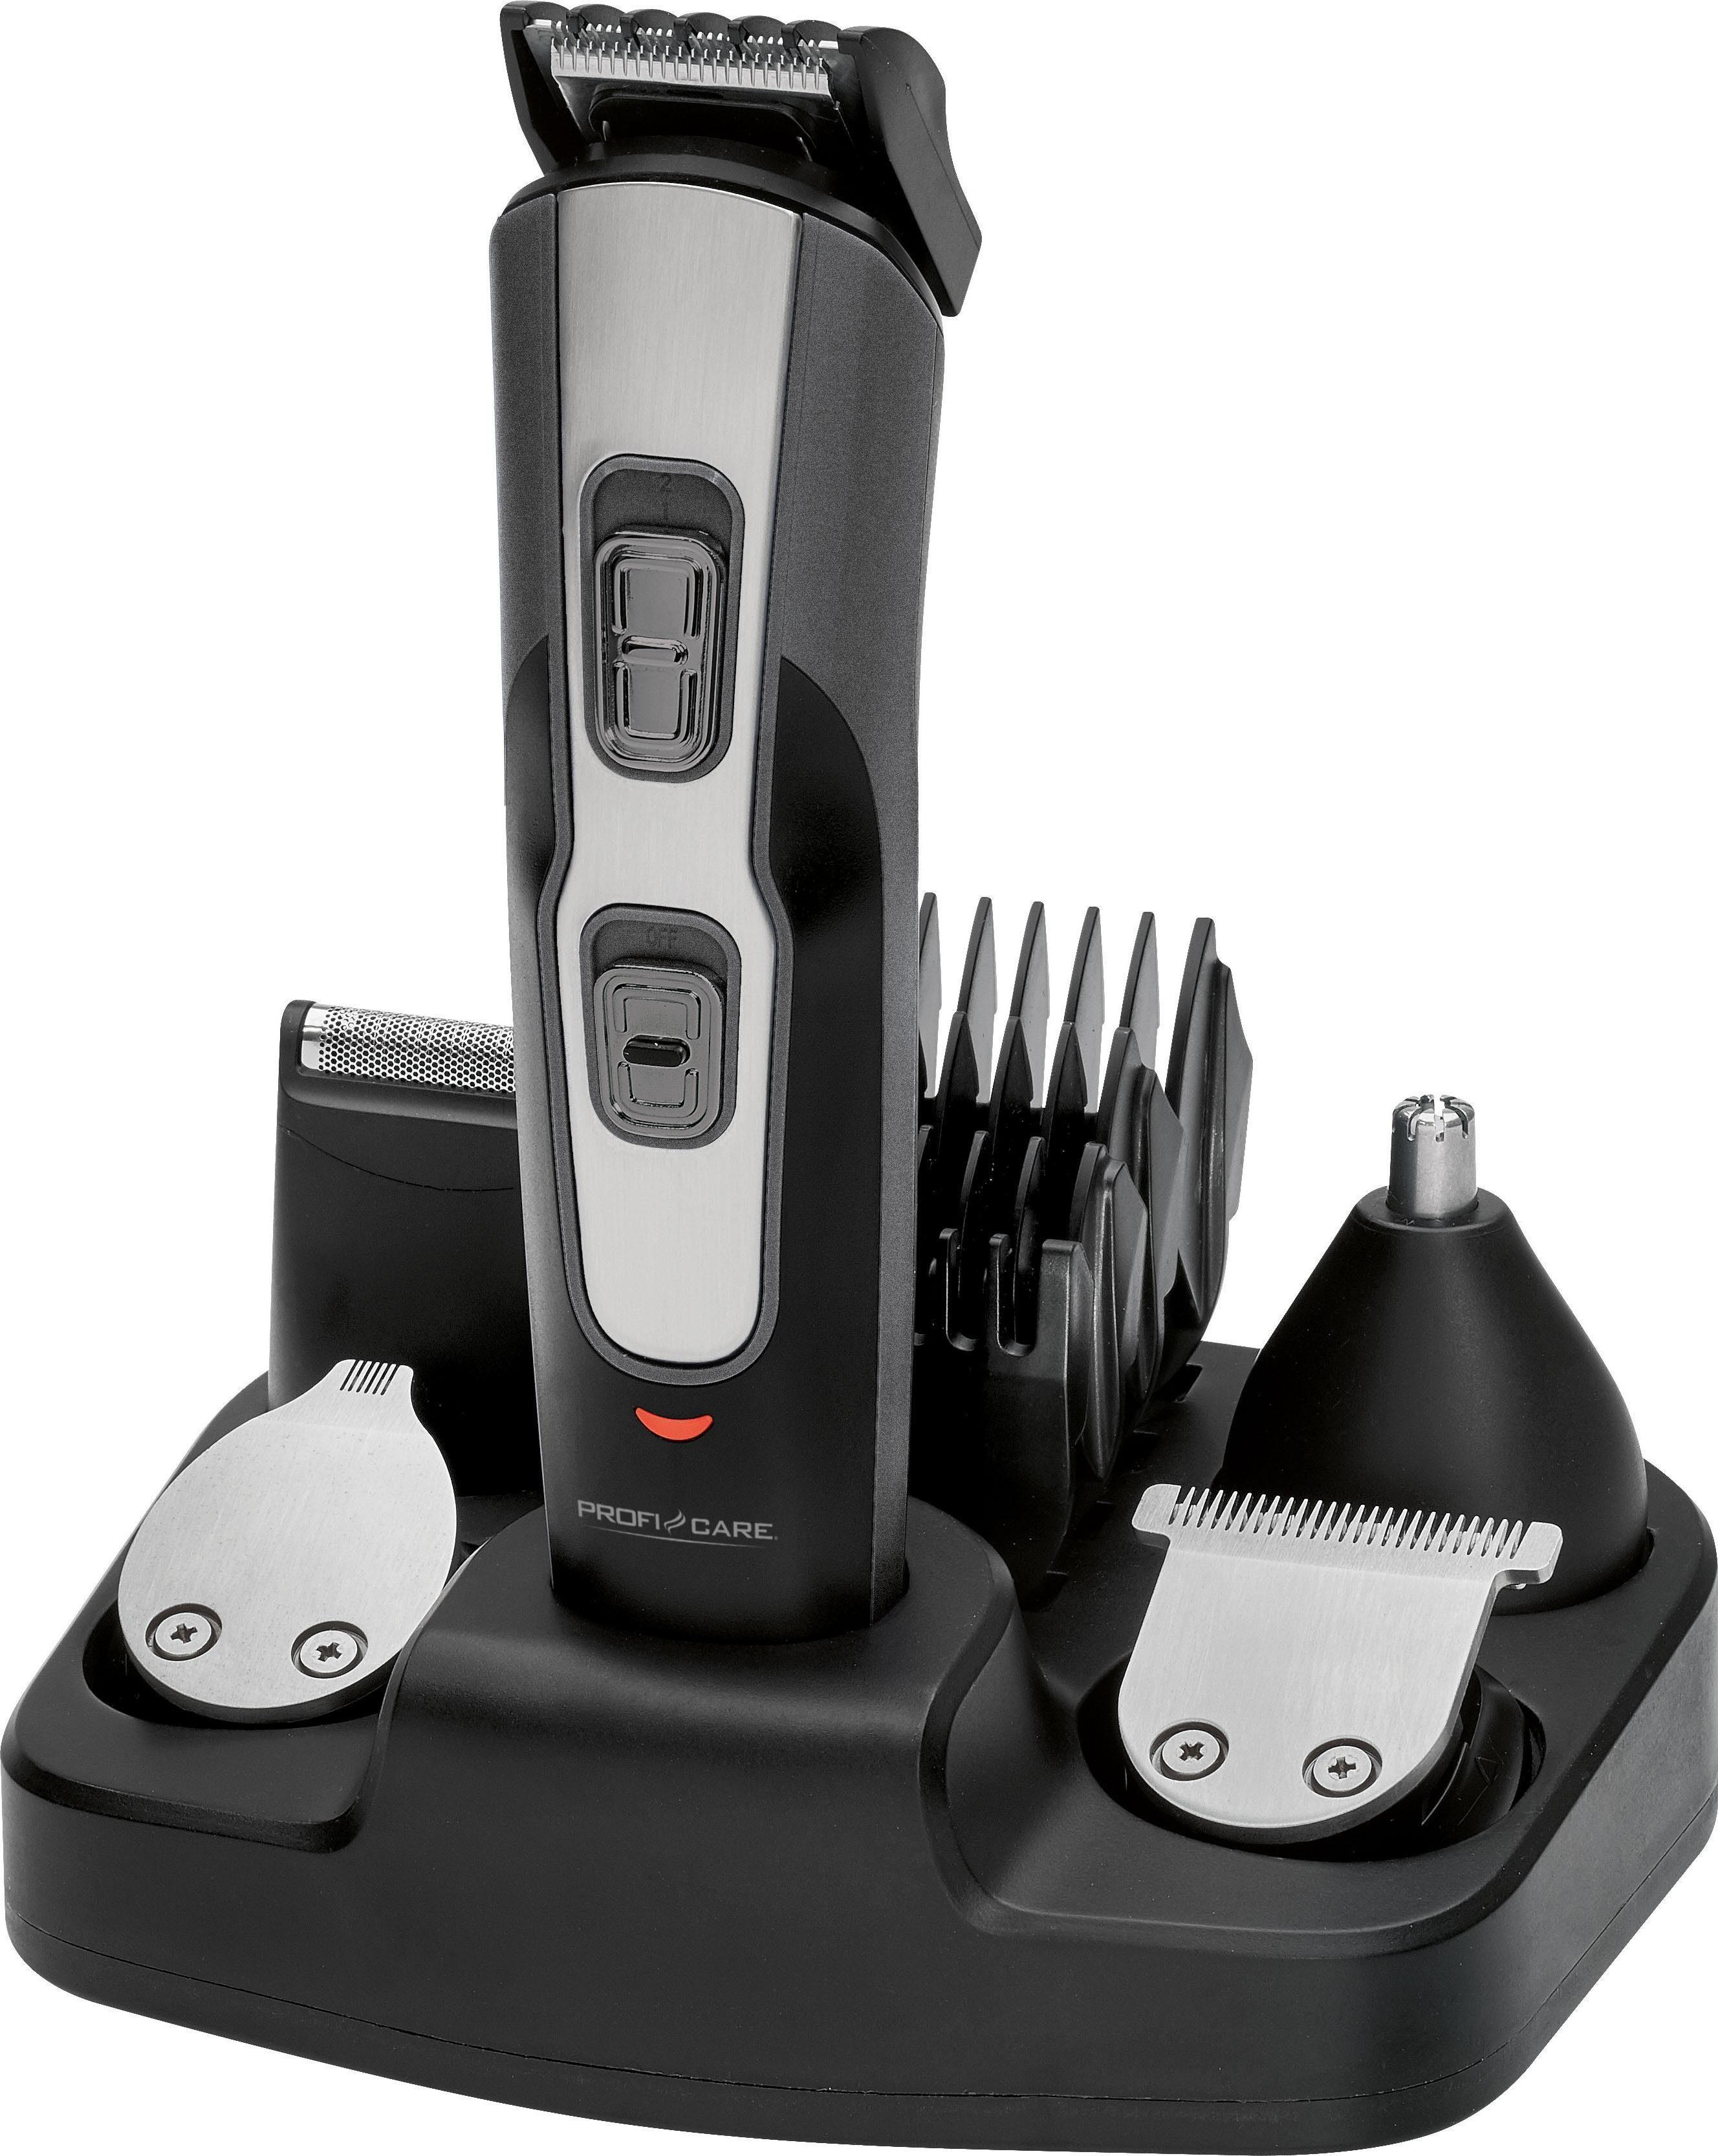 ProfiCare Haar- und Bartschneider PC-BHT 3014, 5 in 1, Multifunktionelles Haarschneidegerät